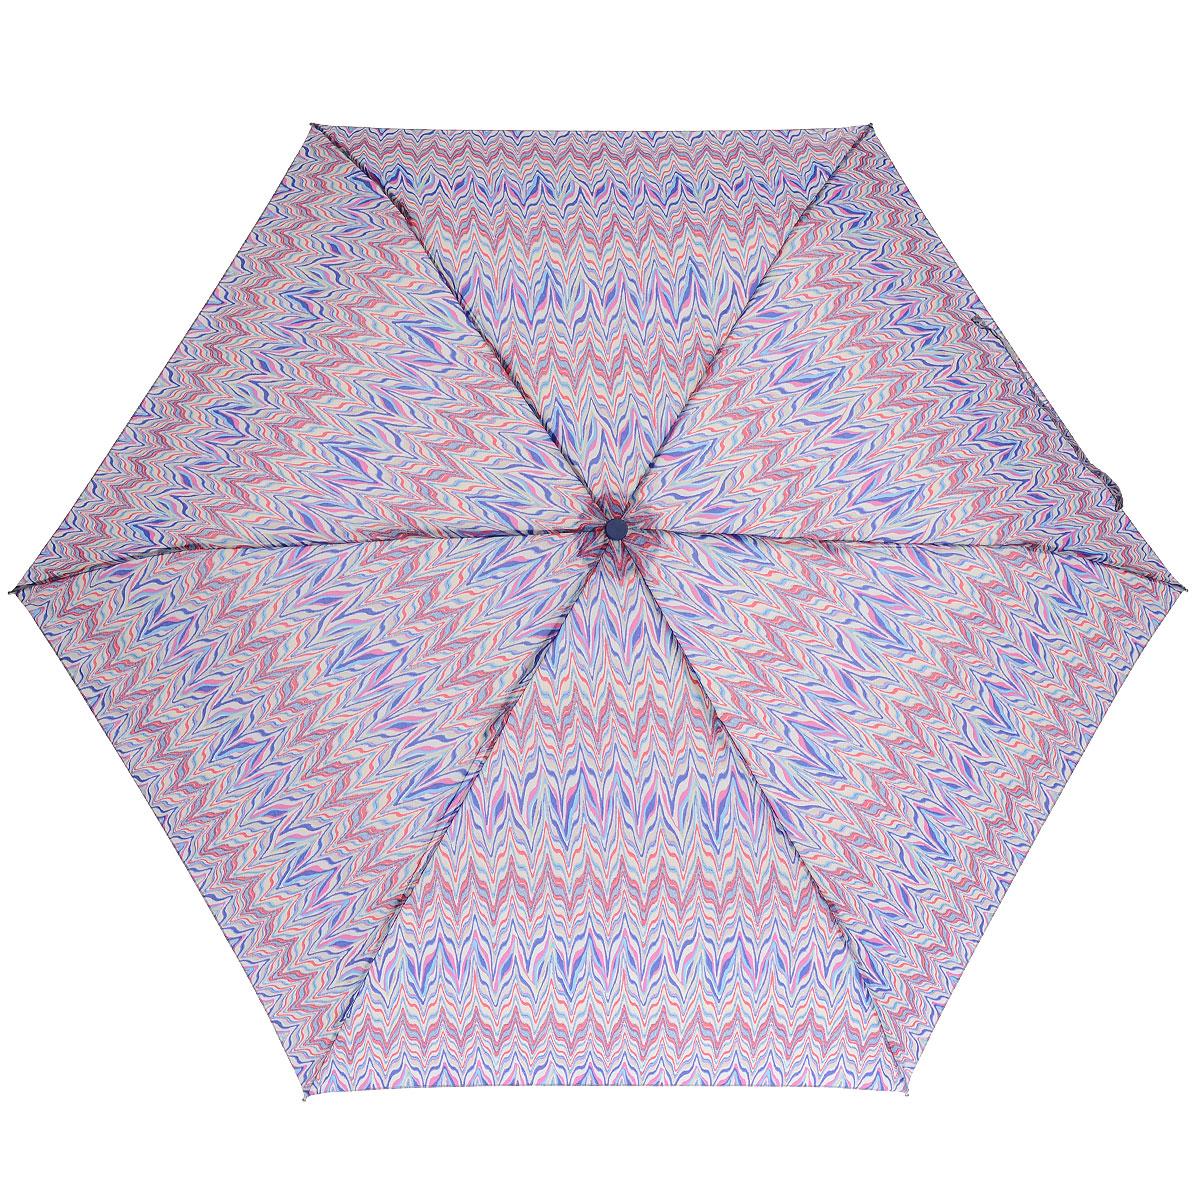 """Зонт женский Fulton Marble, механический, 3 сложения, цвет: синий, розовыйK50K503414_0010Стильный зонт Fulton """"Marble"""" защитит от непогоды, а его компактный размер позволит вам всегда носить его с собой. """"Ветростойкий"""" алюминиевый каркас в 3 сложения состоит из шести спиц с элементами из фибергласса, зонт оснащен удобной рукояткой из пластика. Купол зонта выполнен из прочного полиэстера и оформлен ярким орнаментом. На рукоятке для удобства есть небольшой шнурок-резинка, позволяющий надеть зонт на руку тогда, когда это будет необходимо. К зонту прилагается чехол на липучке.Зонт механического сложения: купол открывается и закрывается вручную, стержень также складывается вручную до характерного щелчка. Характеристики: Материал: алюминий, фибергласс, пластик, полиэстер. Цвет: синий, розовый. Диаметр купола: 86 см. Длина зонта в сложенном виде: 22 см. Длина ручки (стержня) в раскрытом виде:51 см.Вес: 138 г.Диаметр зонта (в сложенном виде): 3 см.Артикул: L553 3F264."""